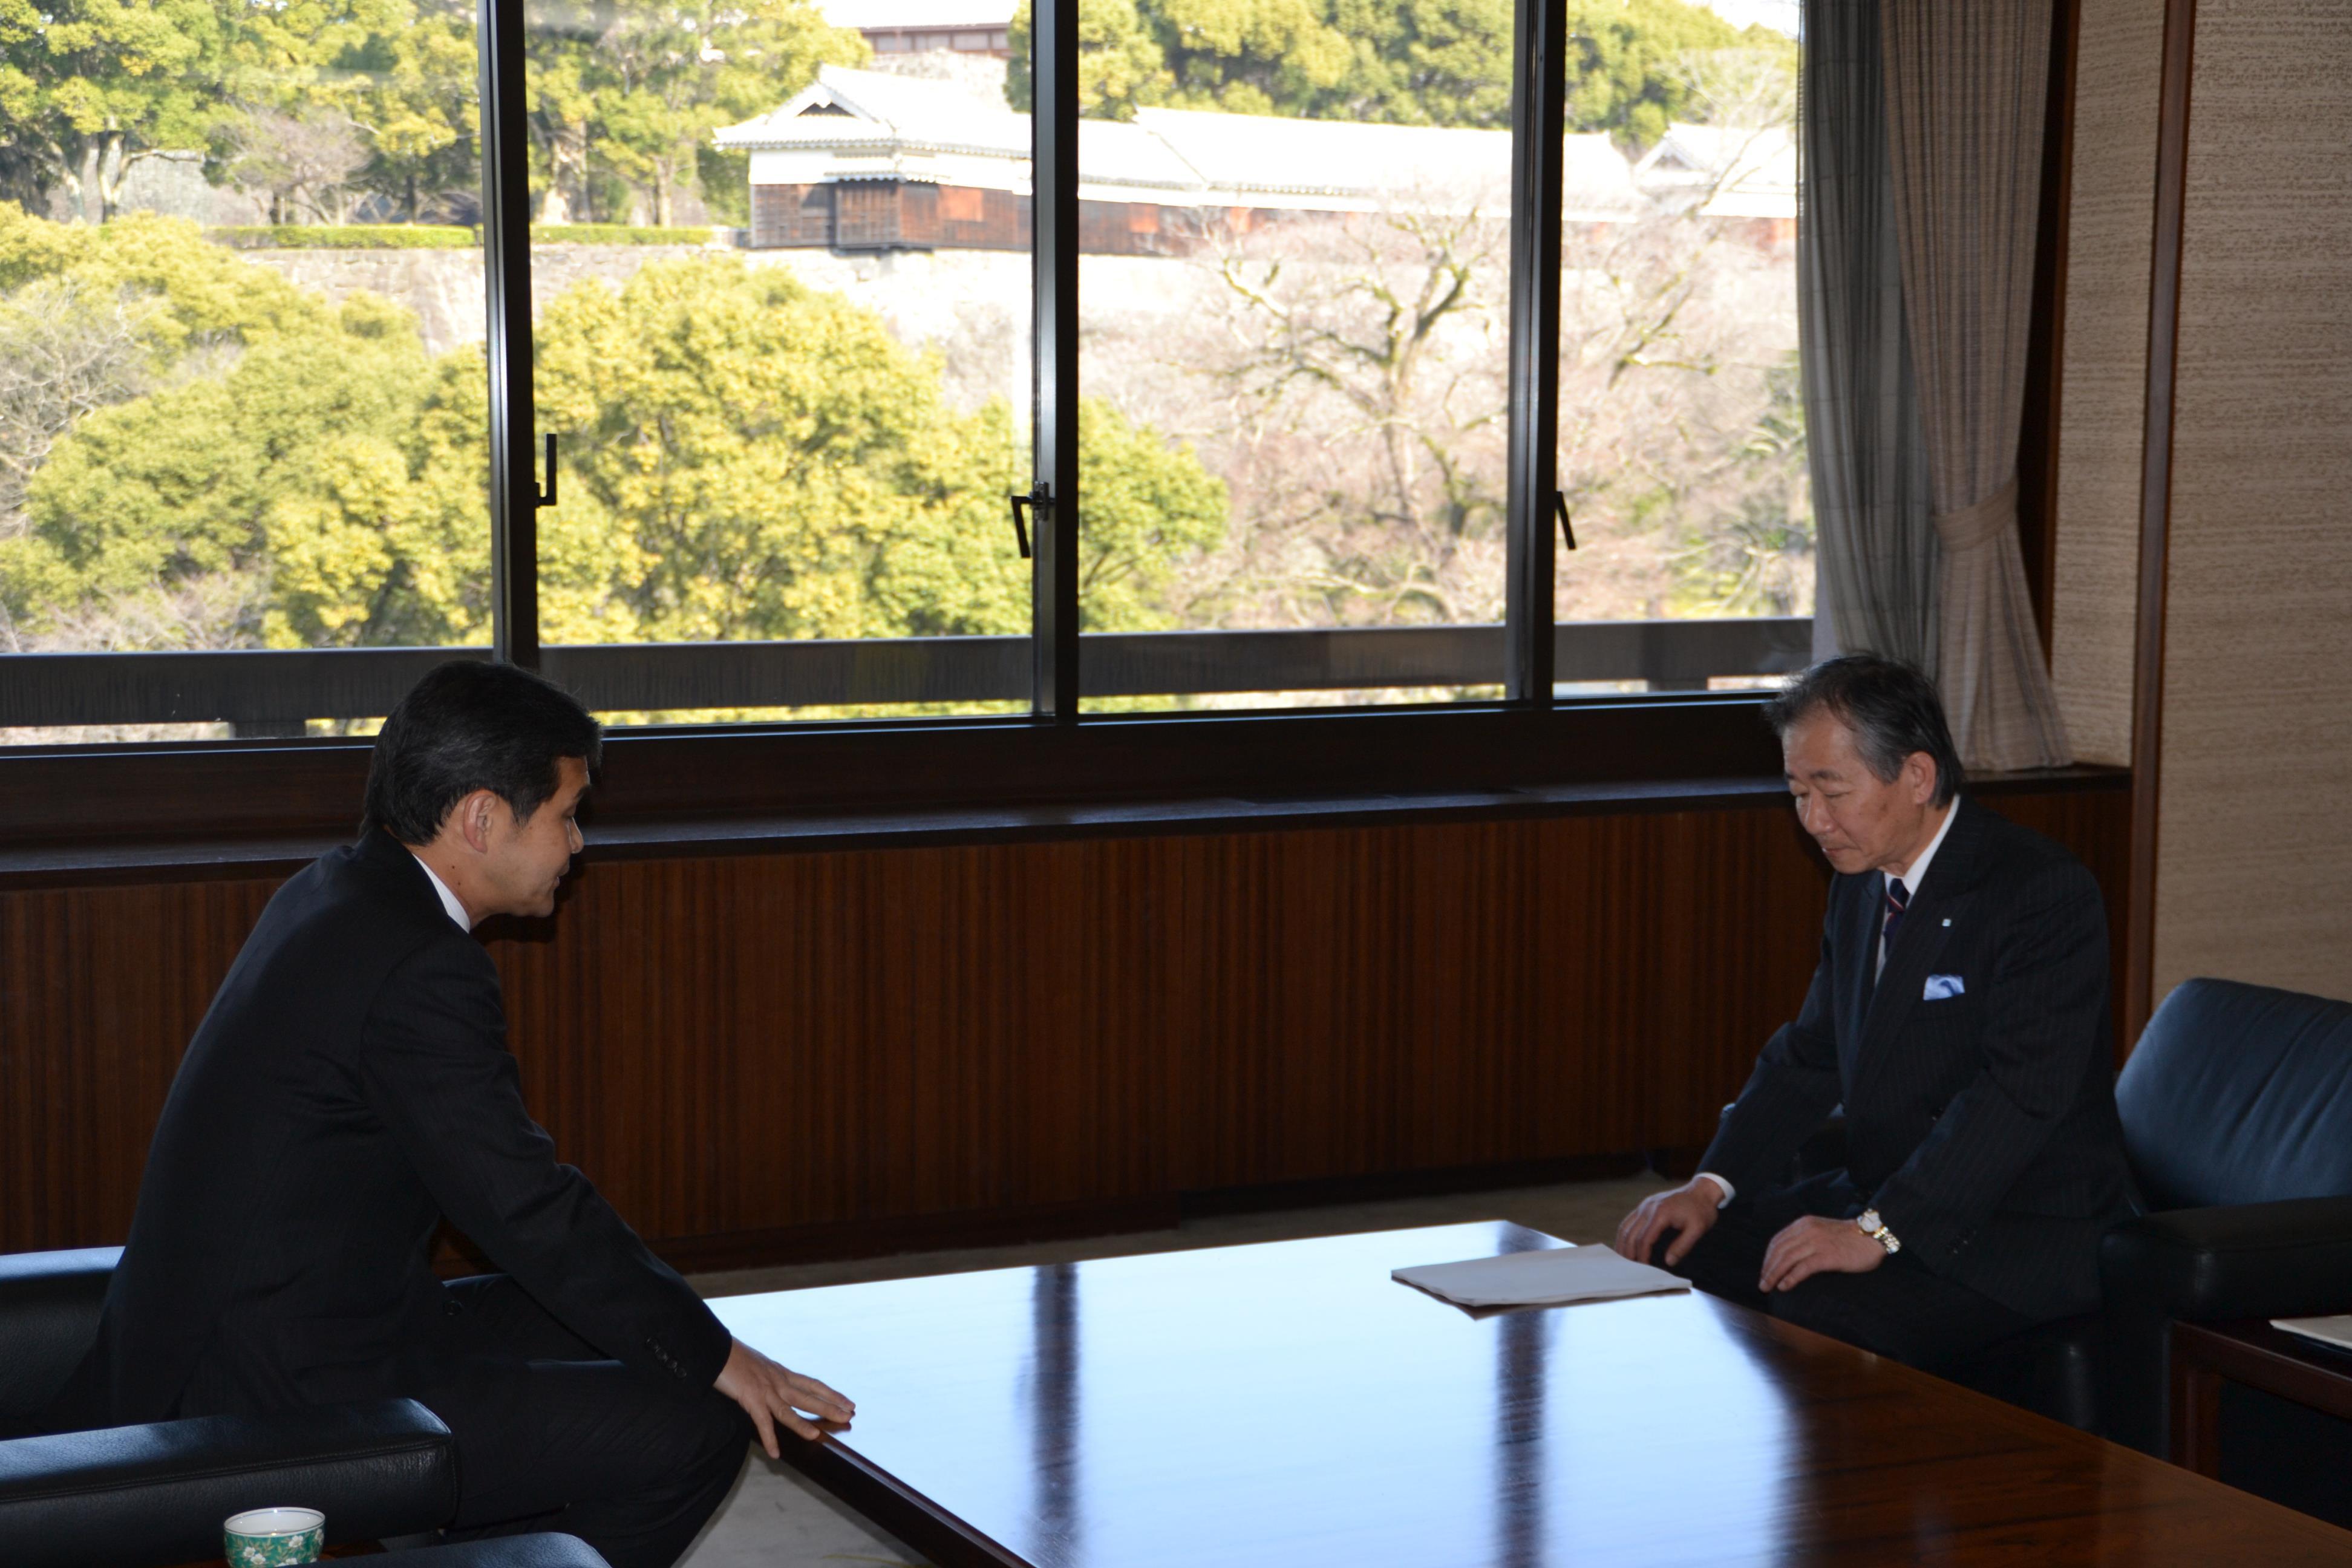 蓑茂会長から幸山市長へ検討状況や素案の概要についての説明がありました